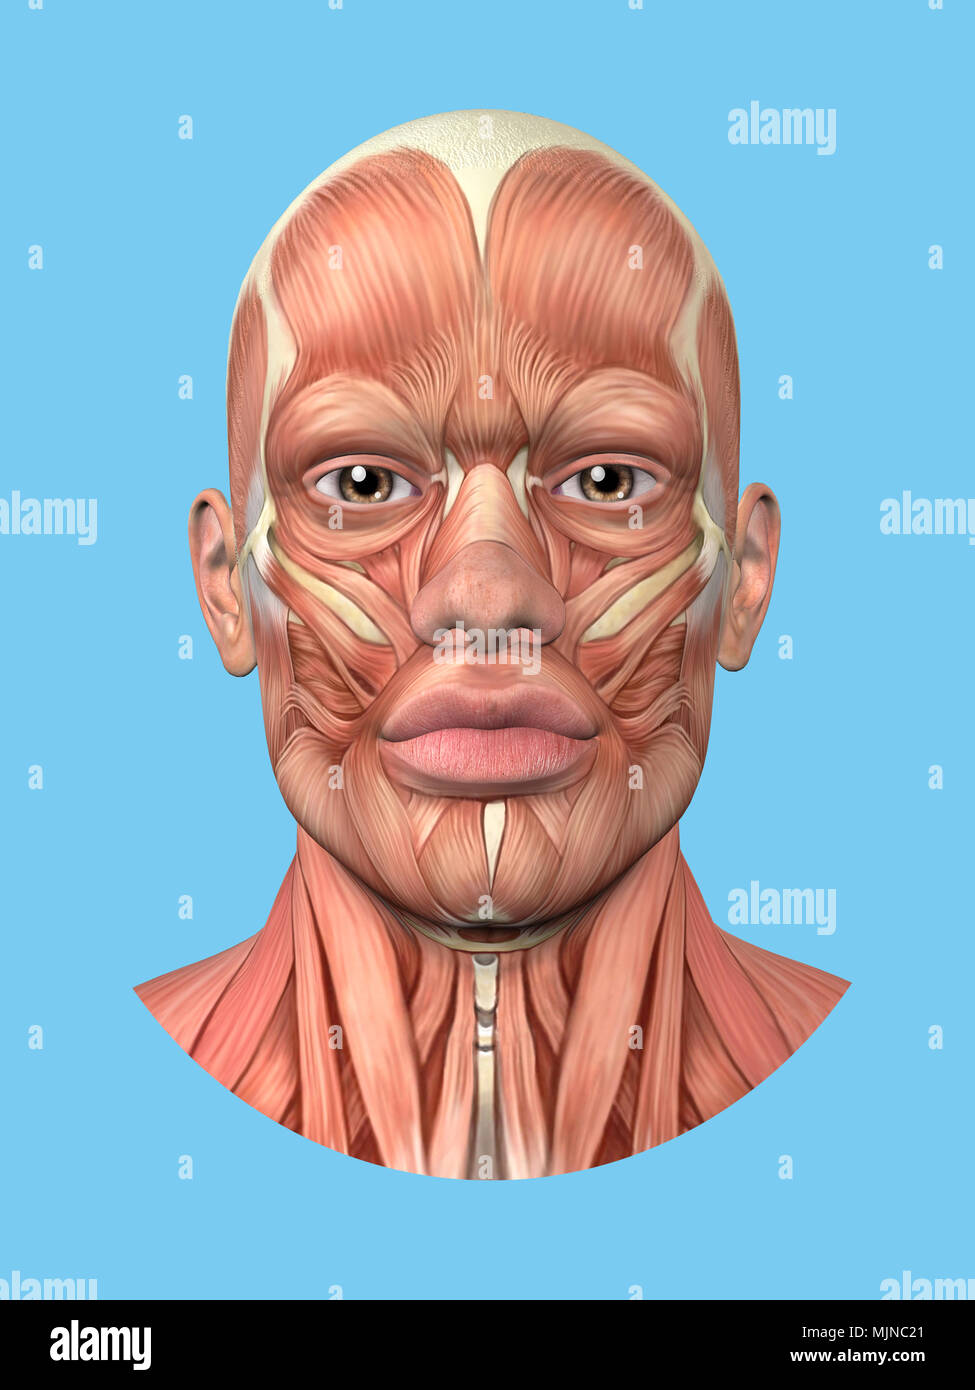 Vista frontal de la anatomía de los principales músculos faciales de un hombre. Imagen De Stock